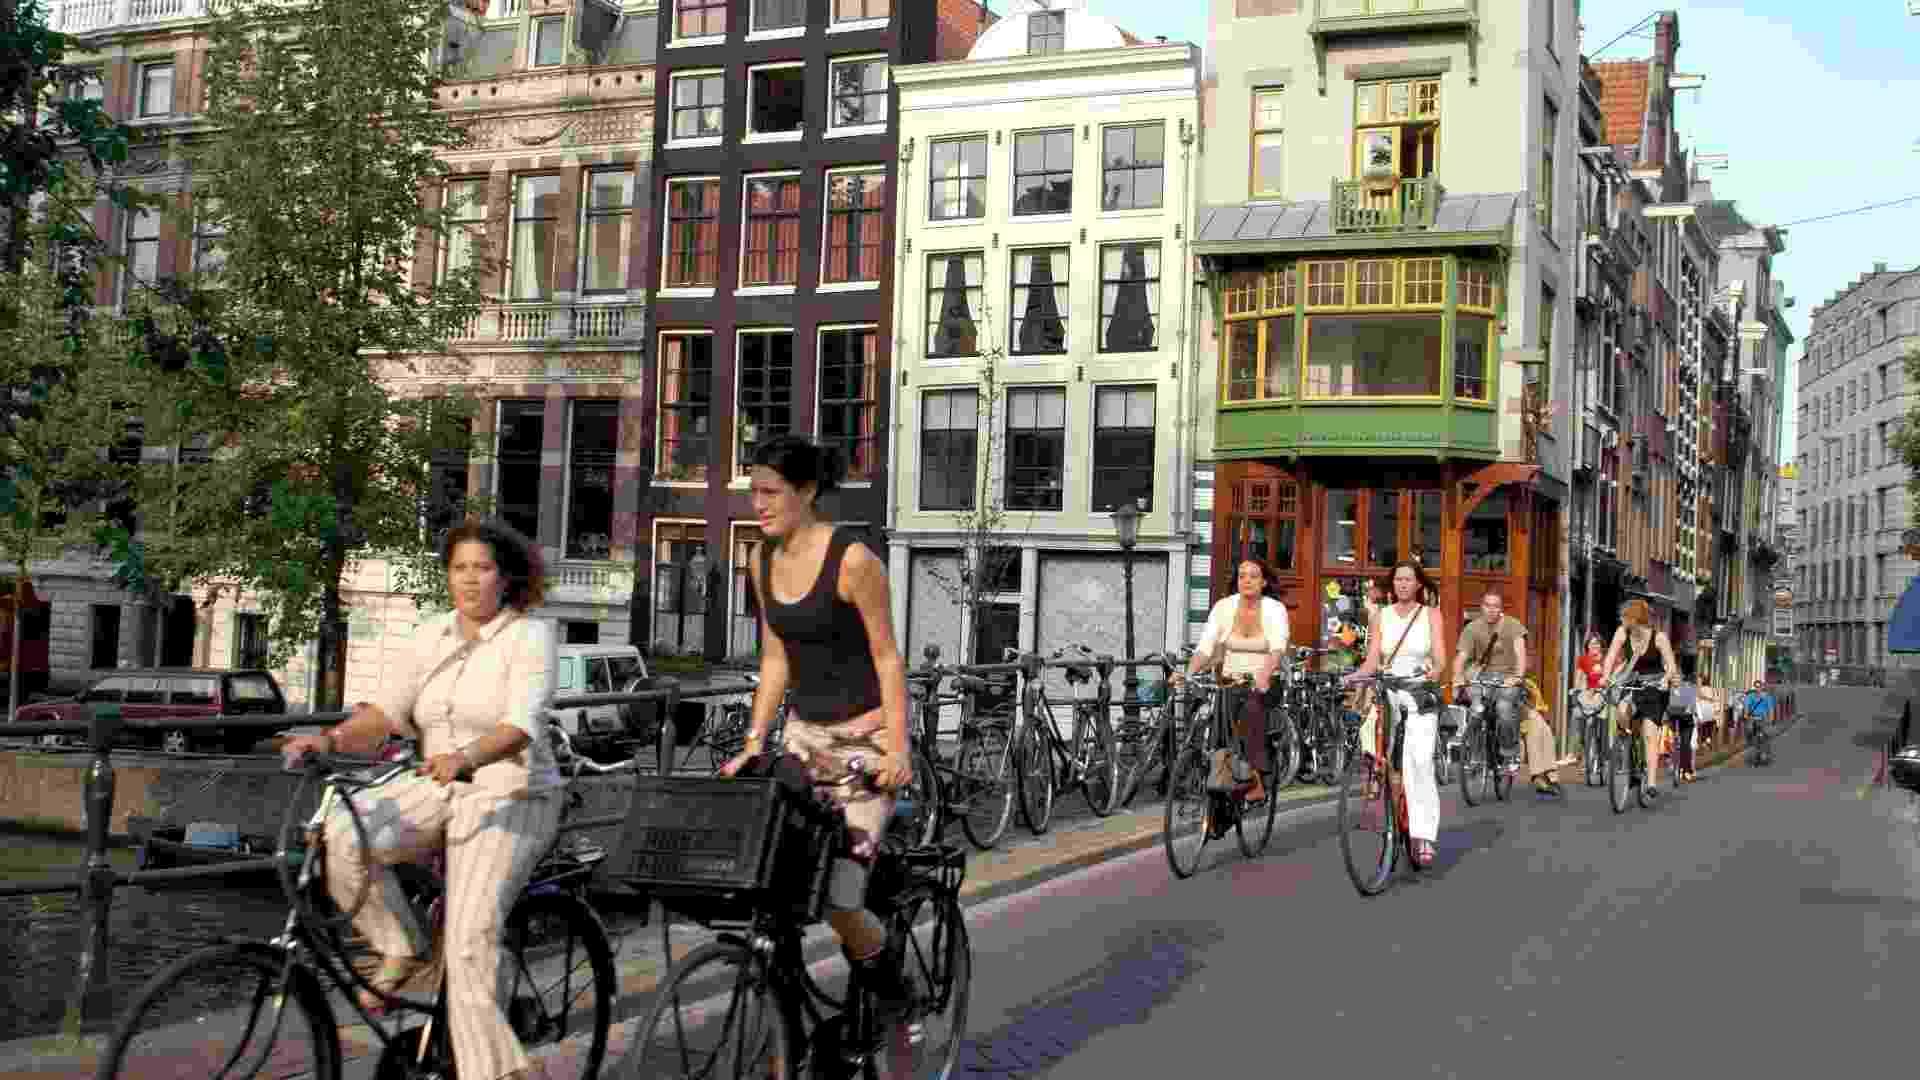 População andando de bicicleta no centro de Amsterdã - Divulgação/Nuffic Neso Brazil